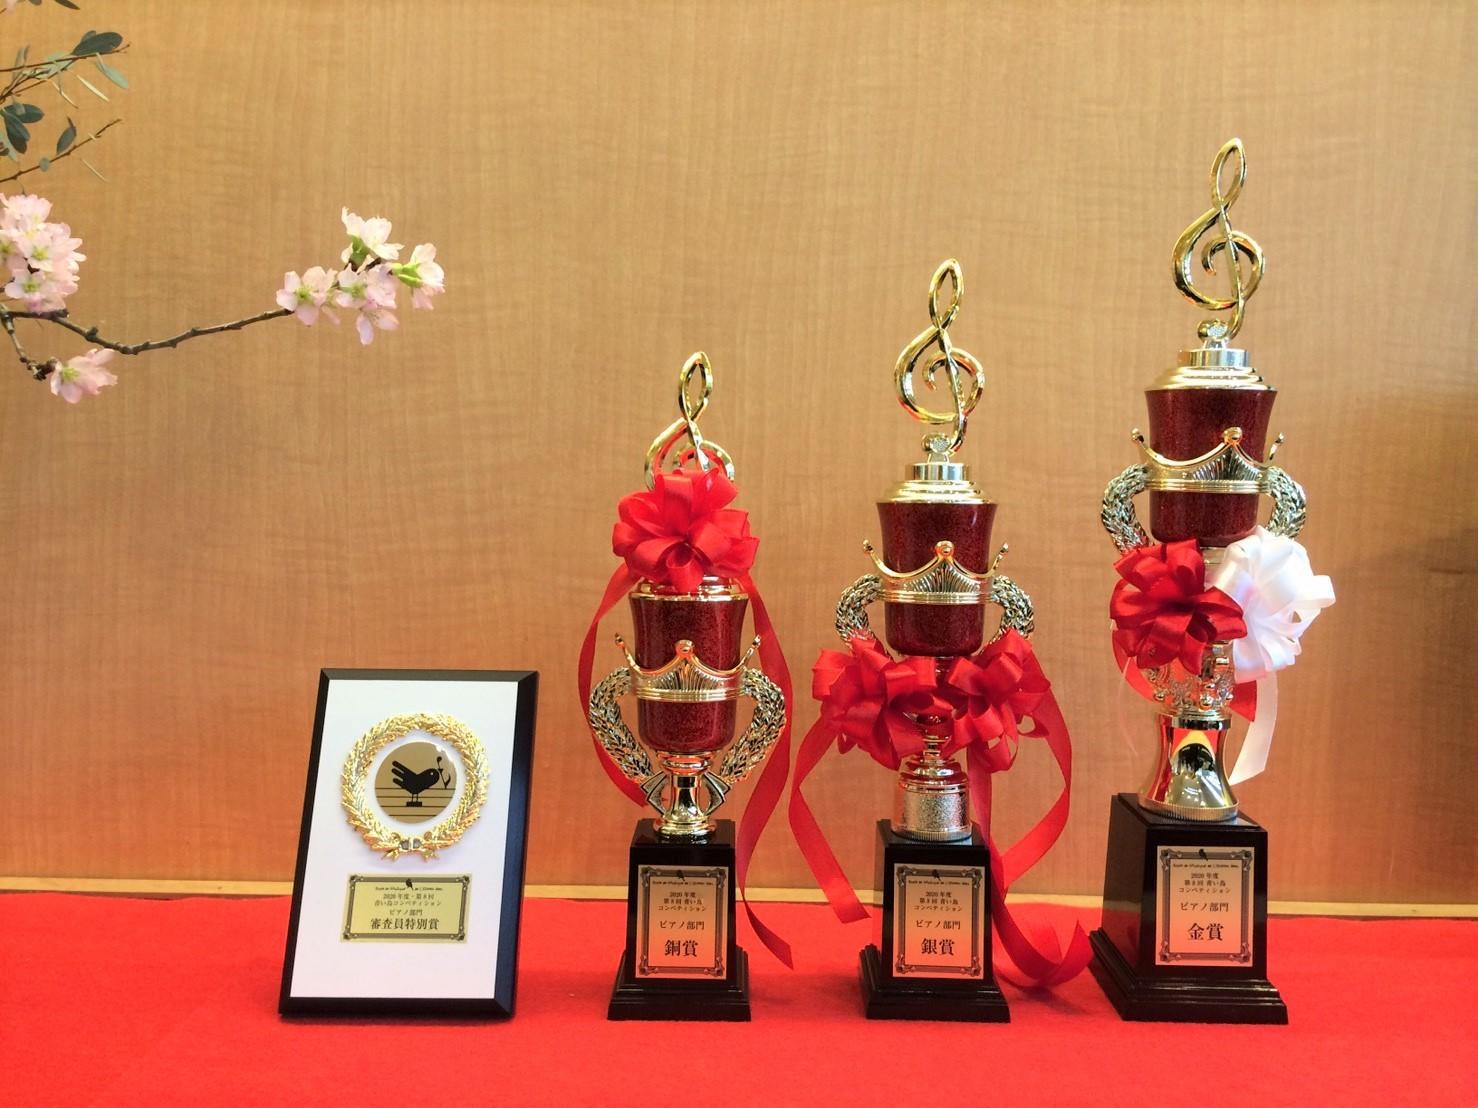 第8回青い鳥コンペティション 入賞者発表_c0150287_18552781.jpg